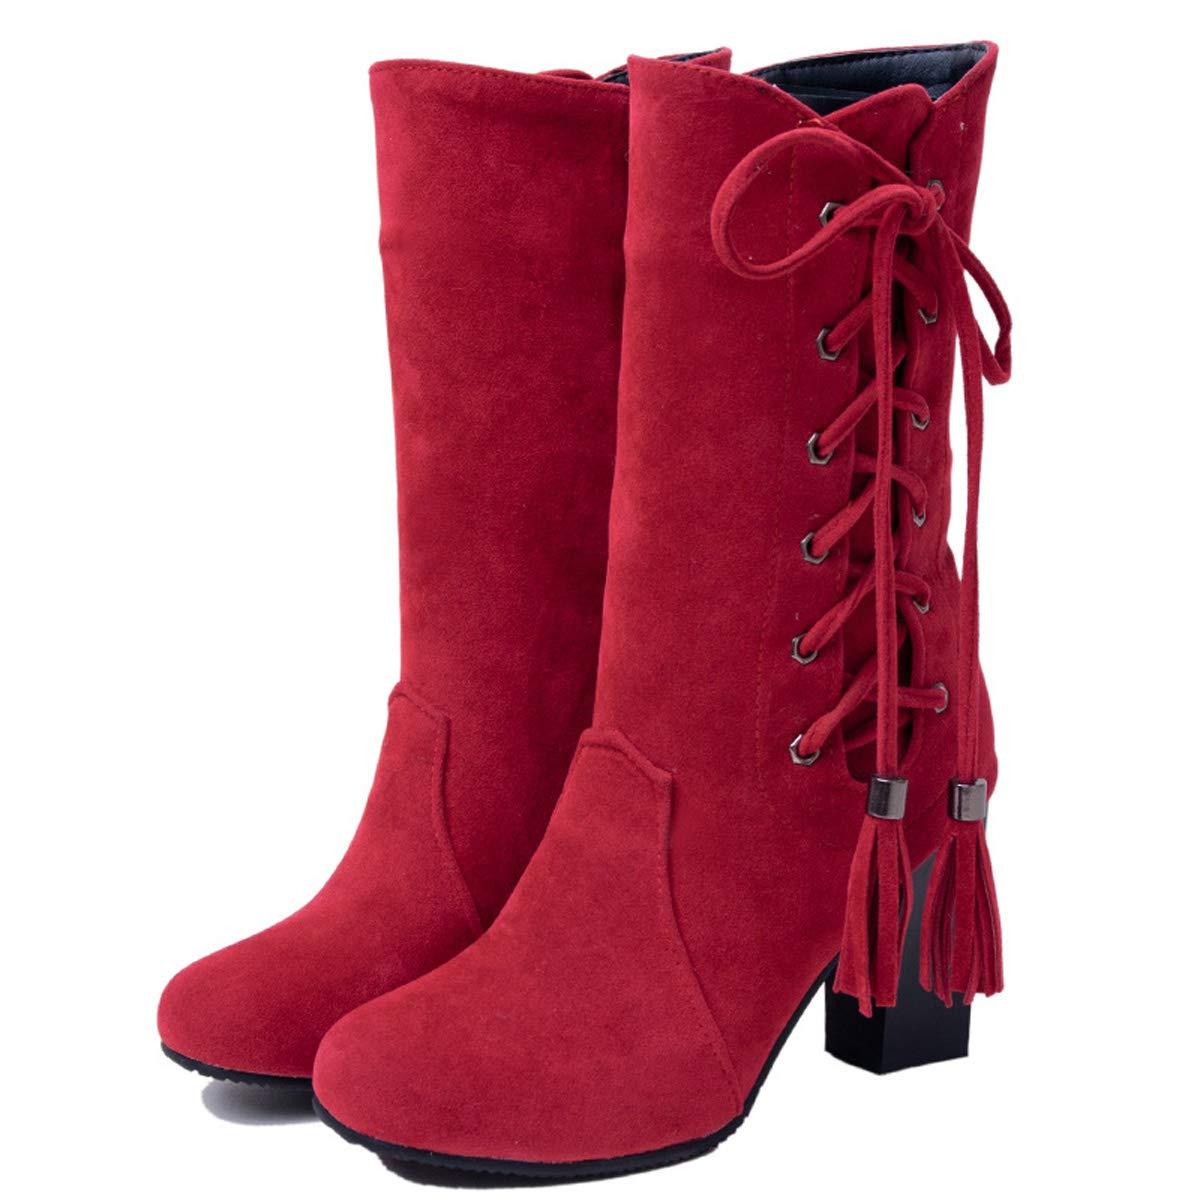 B 39EU DANDANJIE Chaussures pour Femme Talons Ronds Orteils mi-Mollet Bottes à glissière Dentelle-up Gland Bottes à Talons Hauts